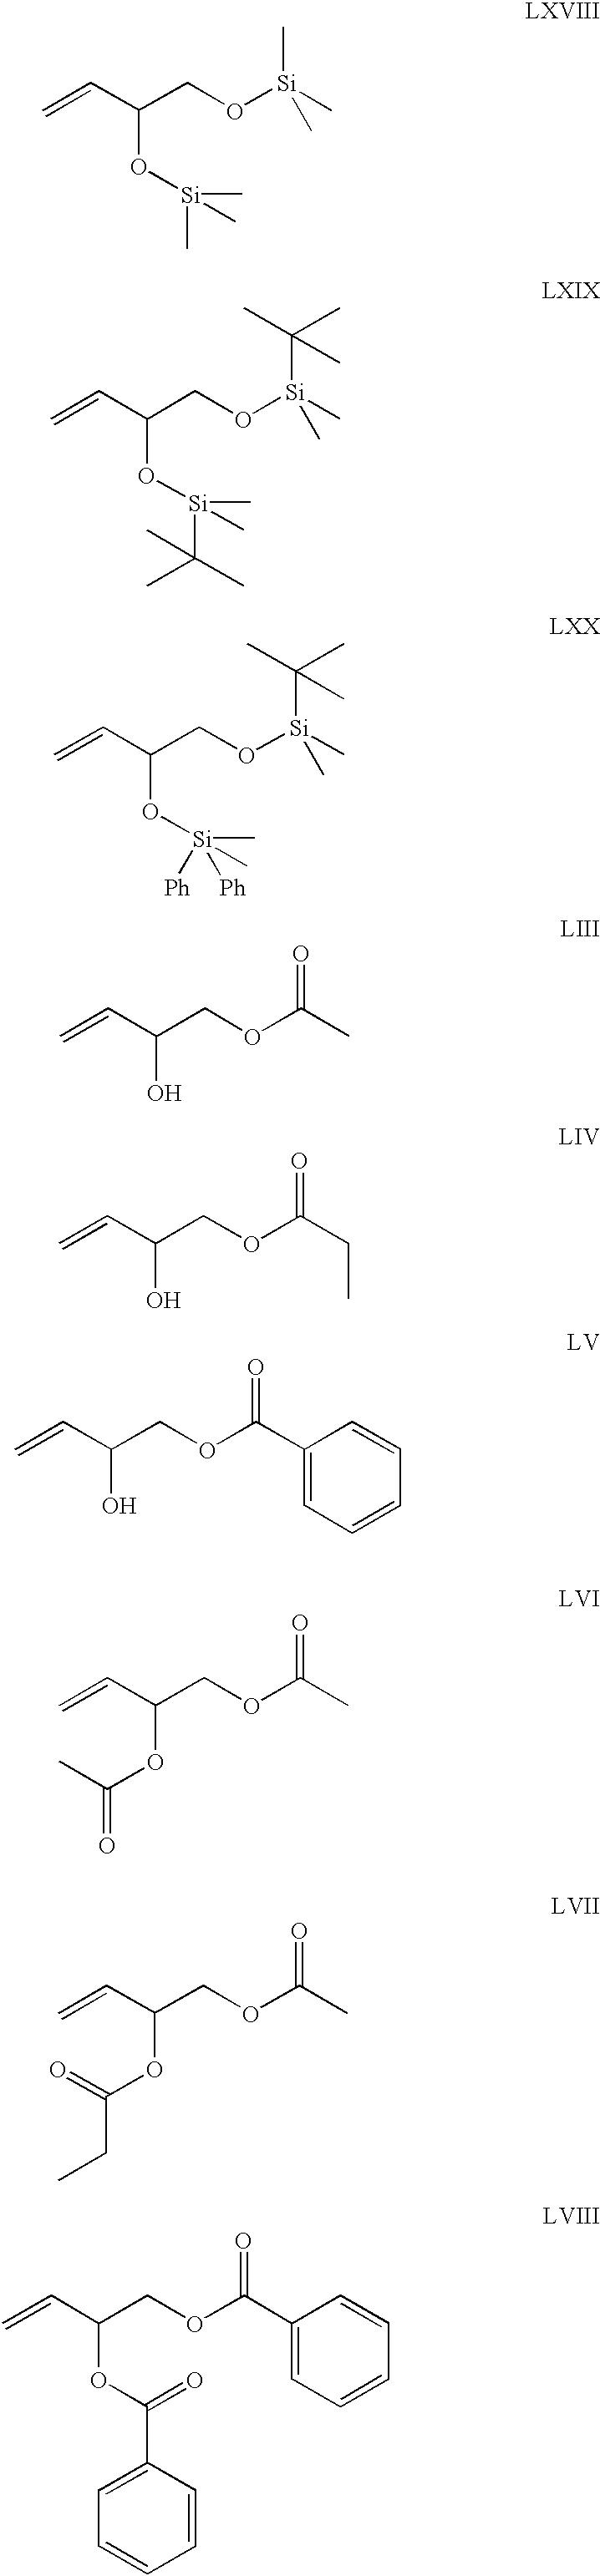 Figure US06608157-20030819-C00010